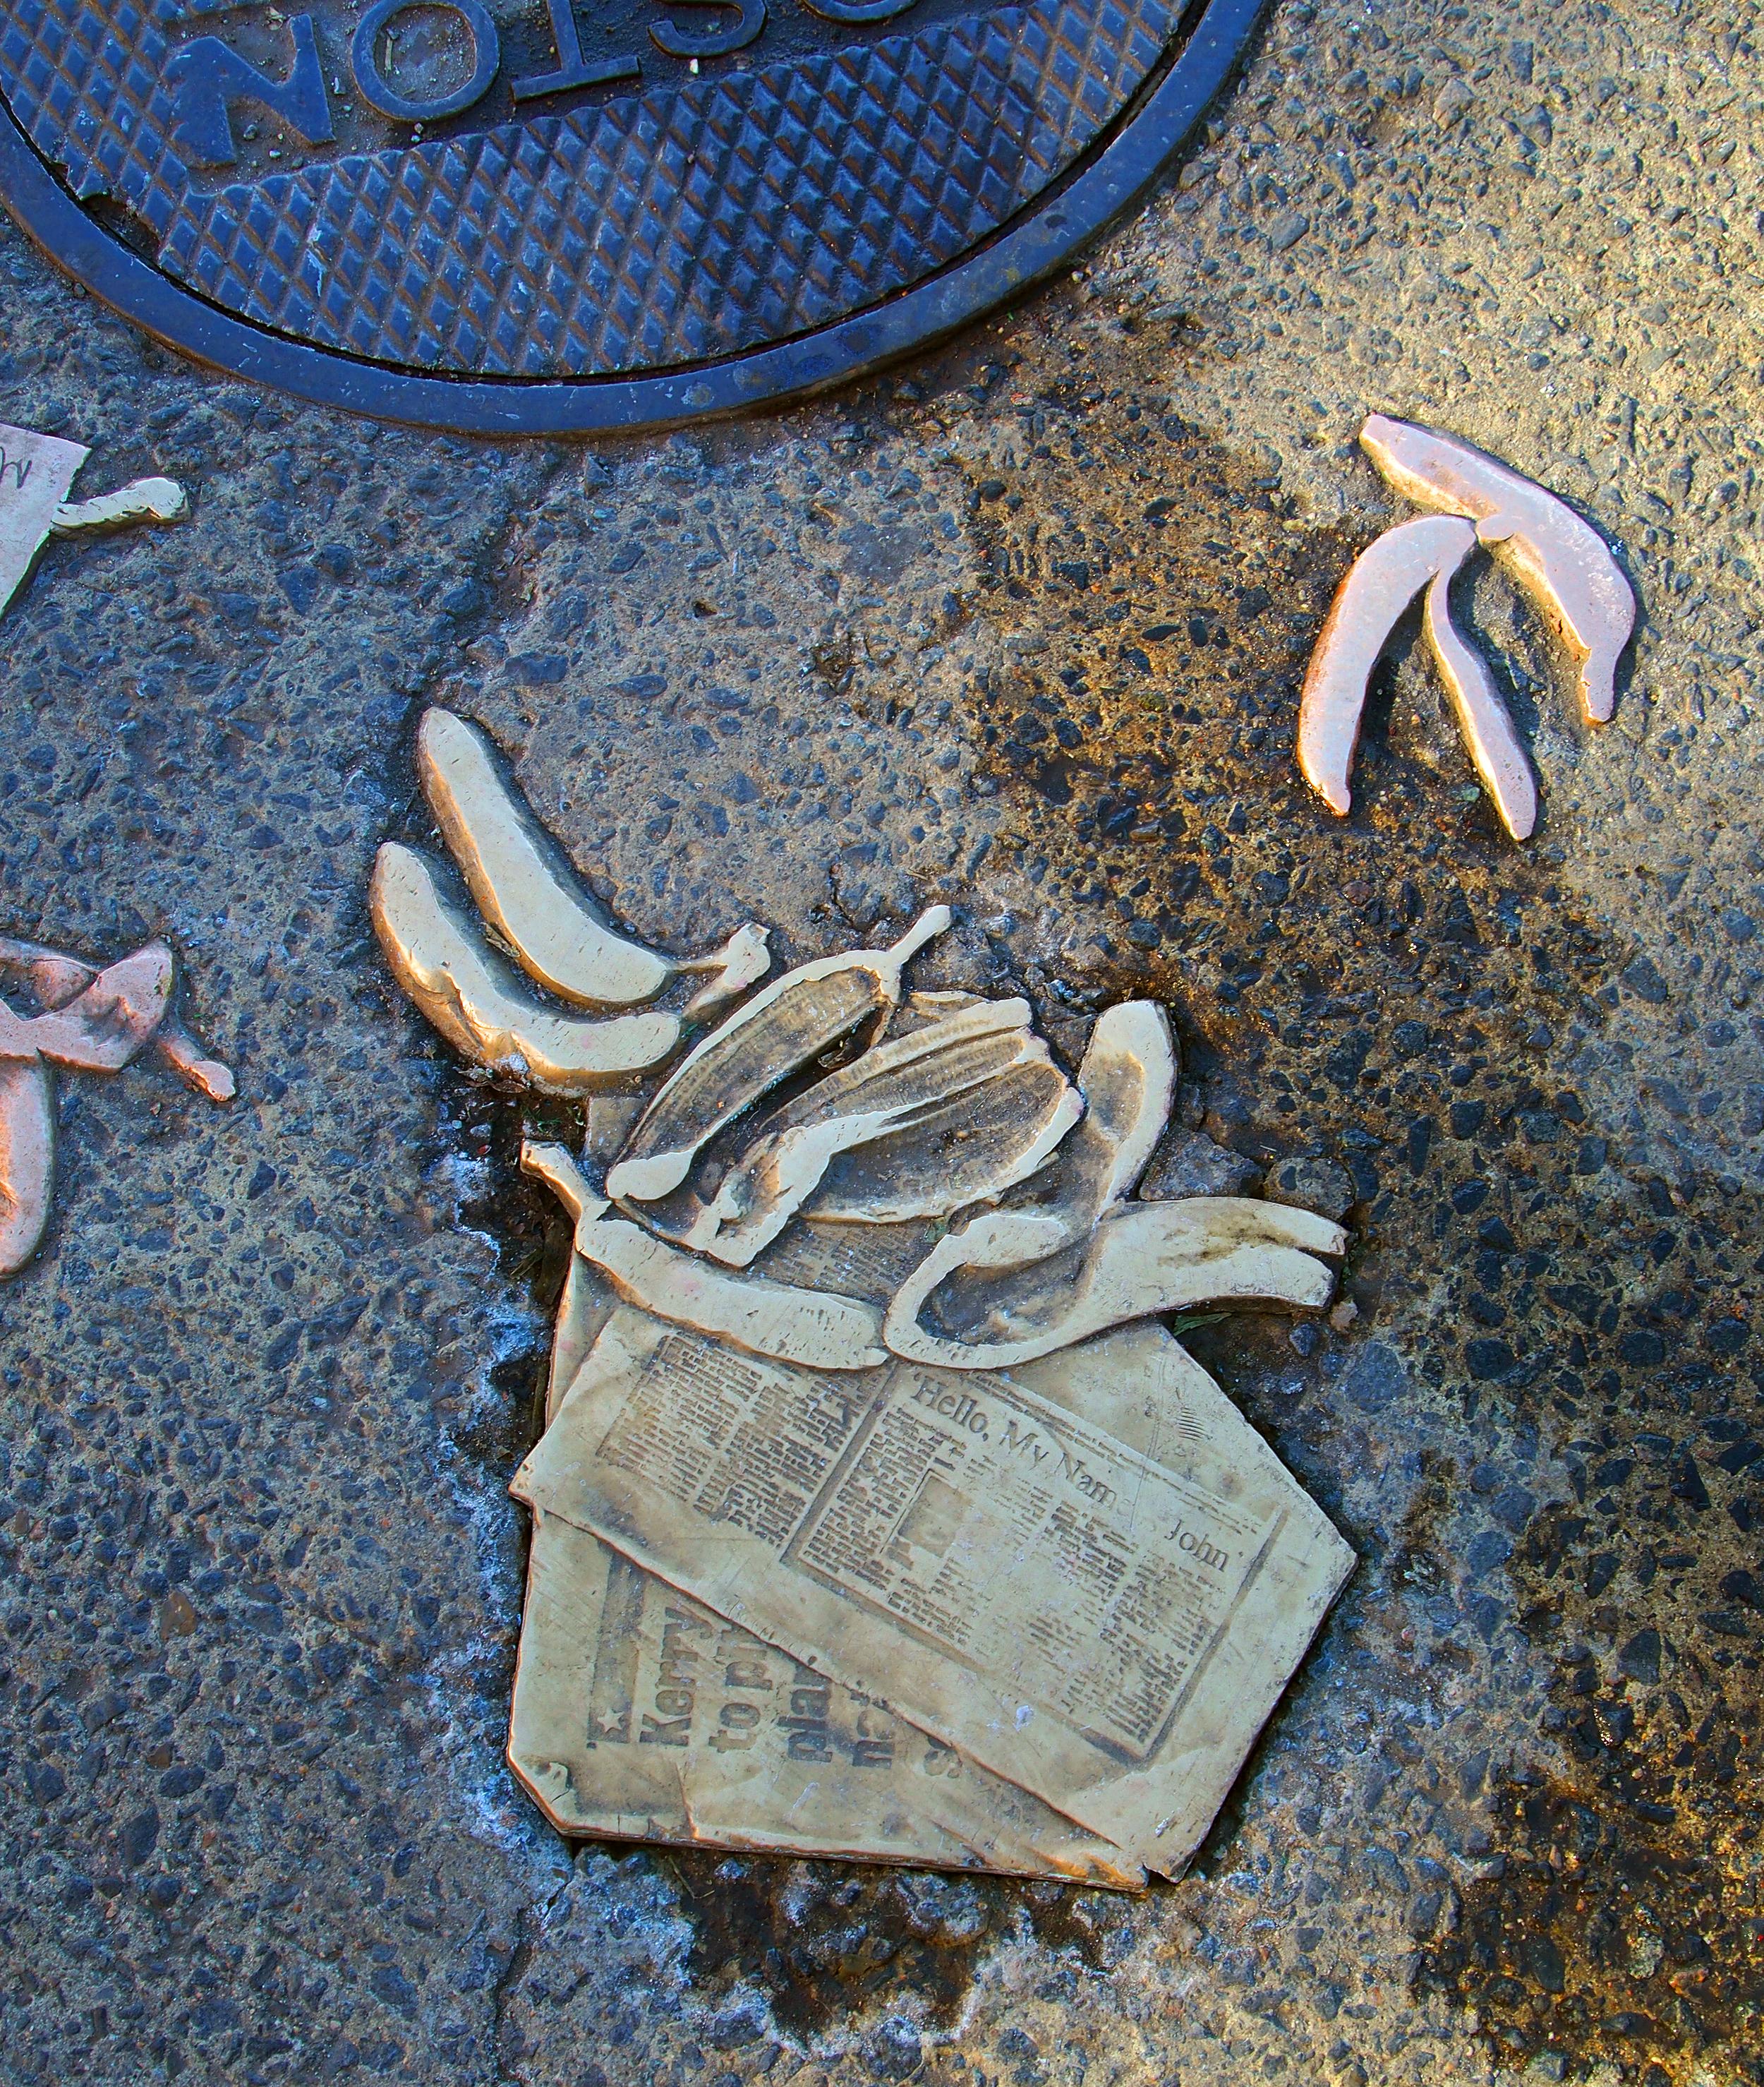 brass-garbage-1280031.jpg